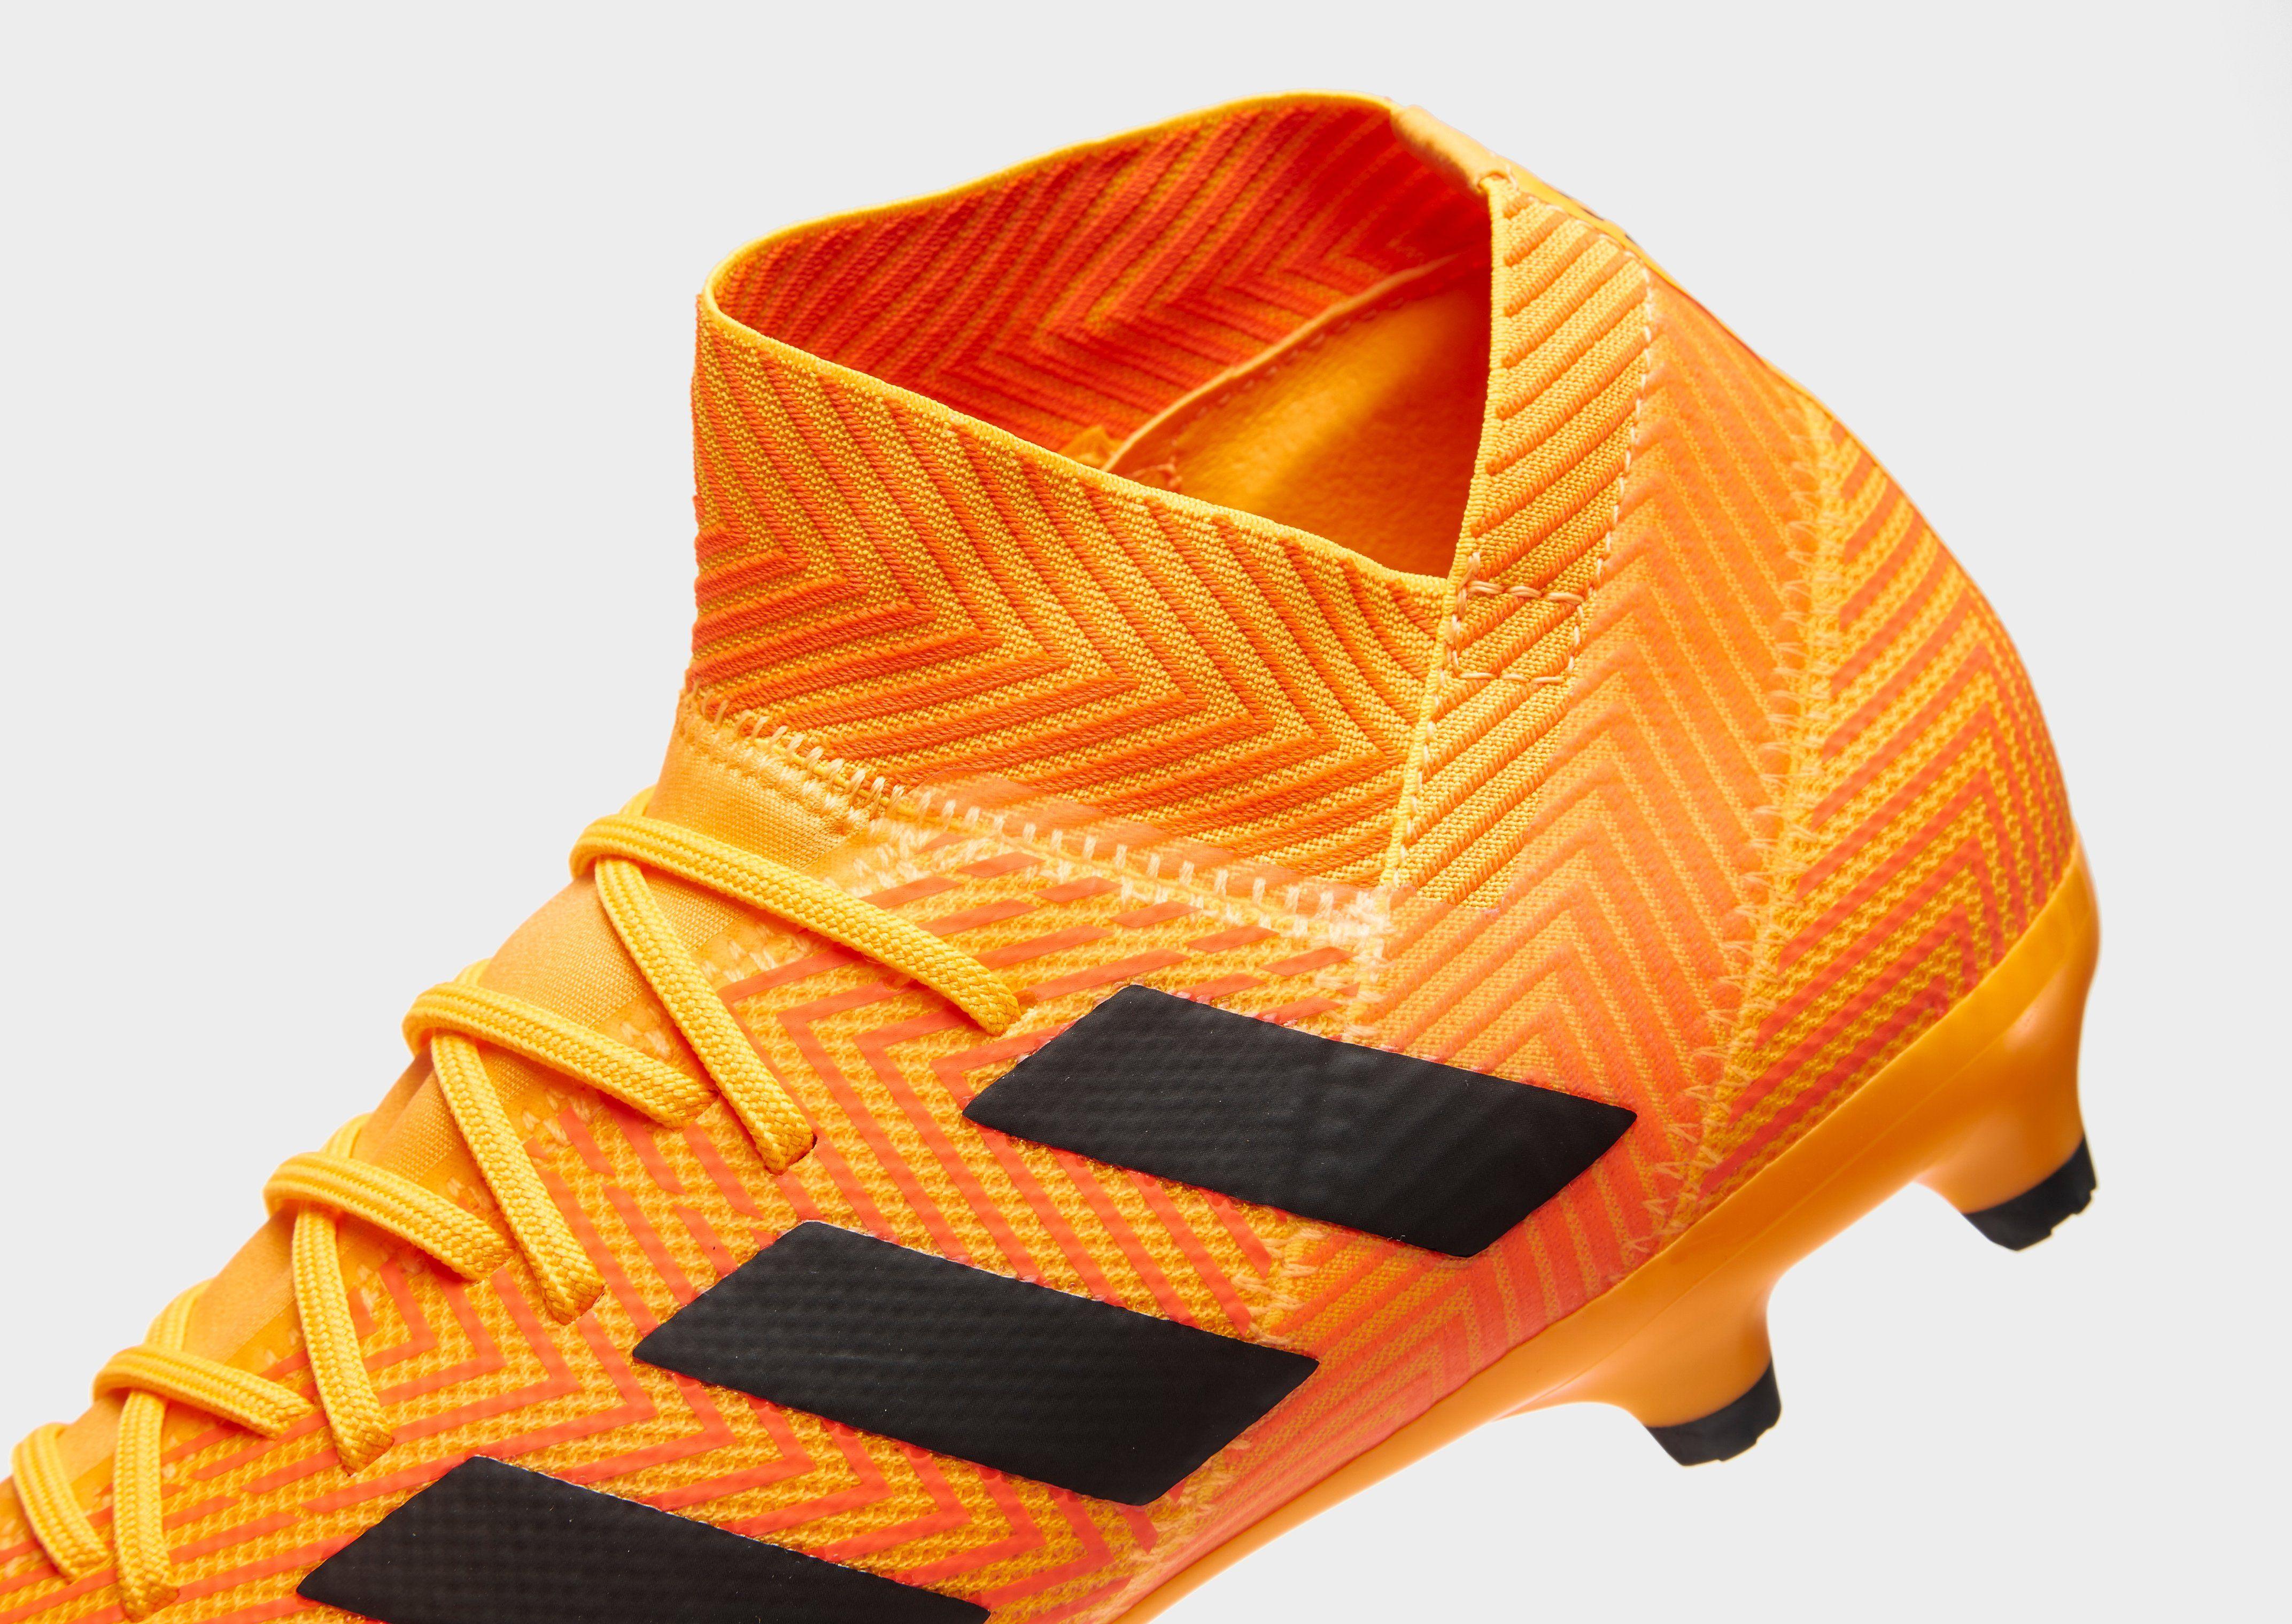 Ja Wirklich Ost Veröffentlichungstermine adidas Energy Mode Nemeziz 18.3 FG Orange Natürlich Und Frei Geschäft Zum Verkauf uPWOtMz